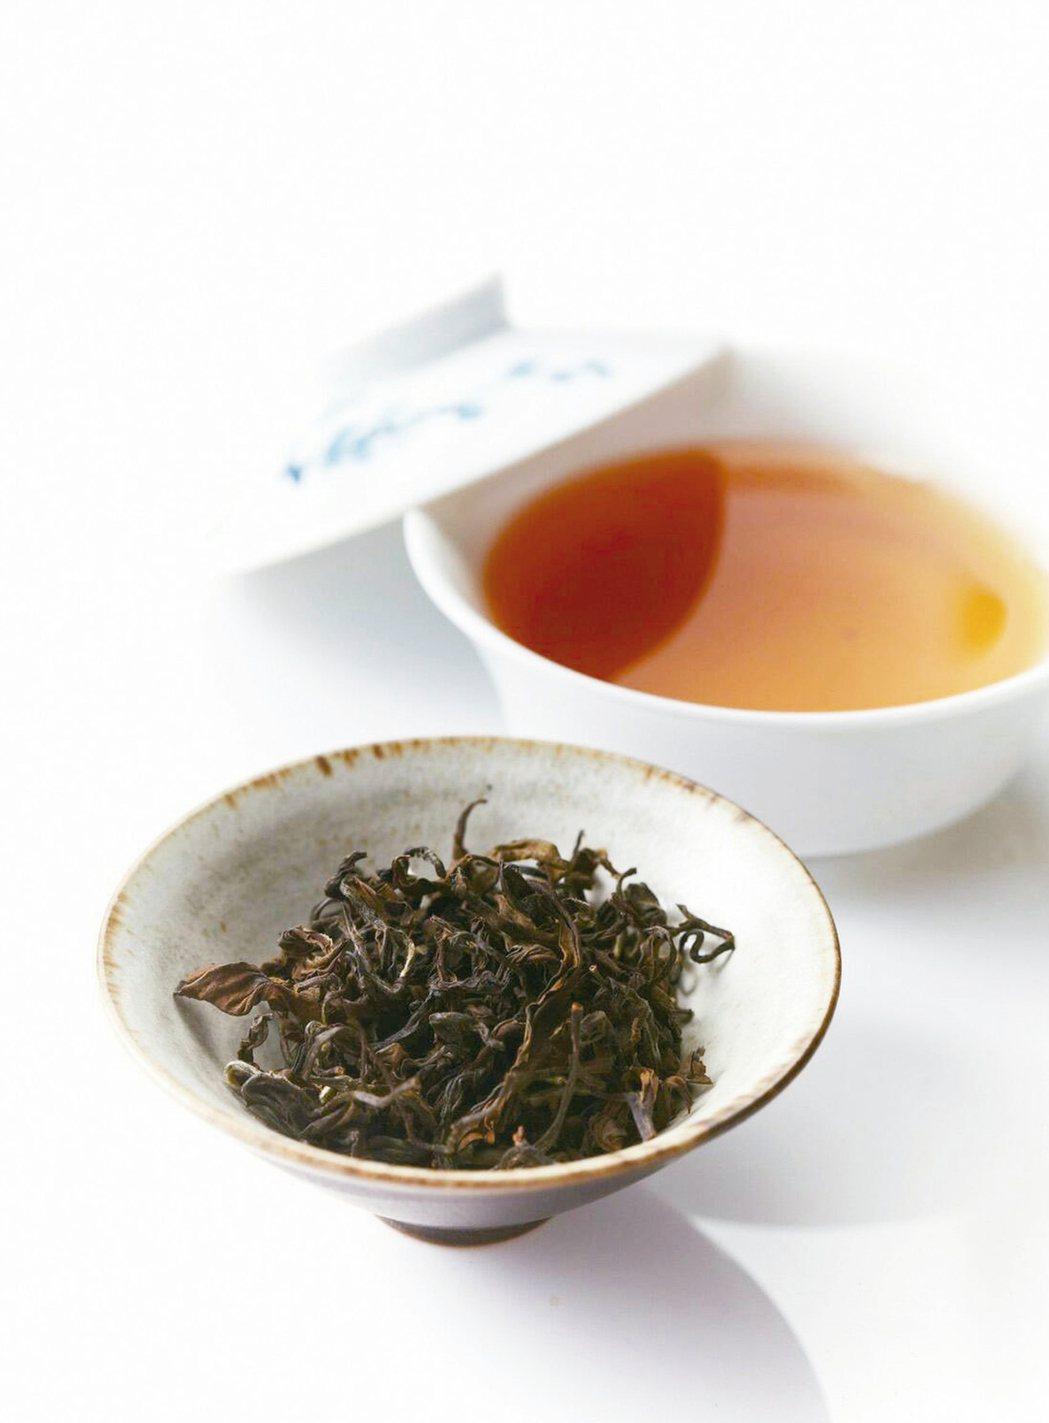 傳統烏龍茶湯色明亮澄澈,入喉即能感受茶香滋味。 圖/臺北市文化局提供